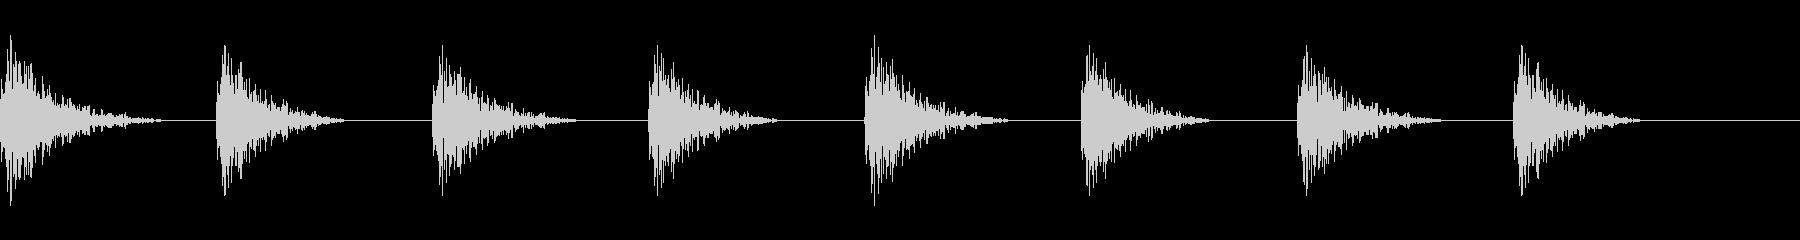 どすん(巨人、歩く、足音)A12の未再生の波形